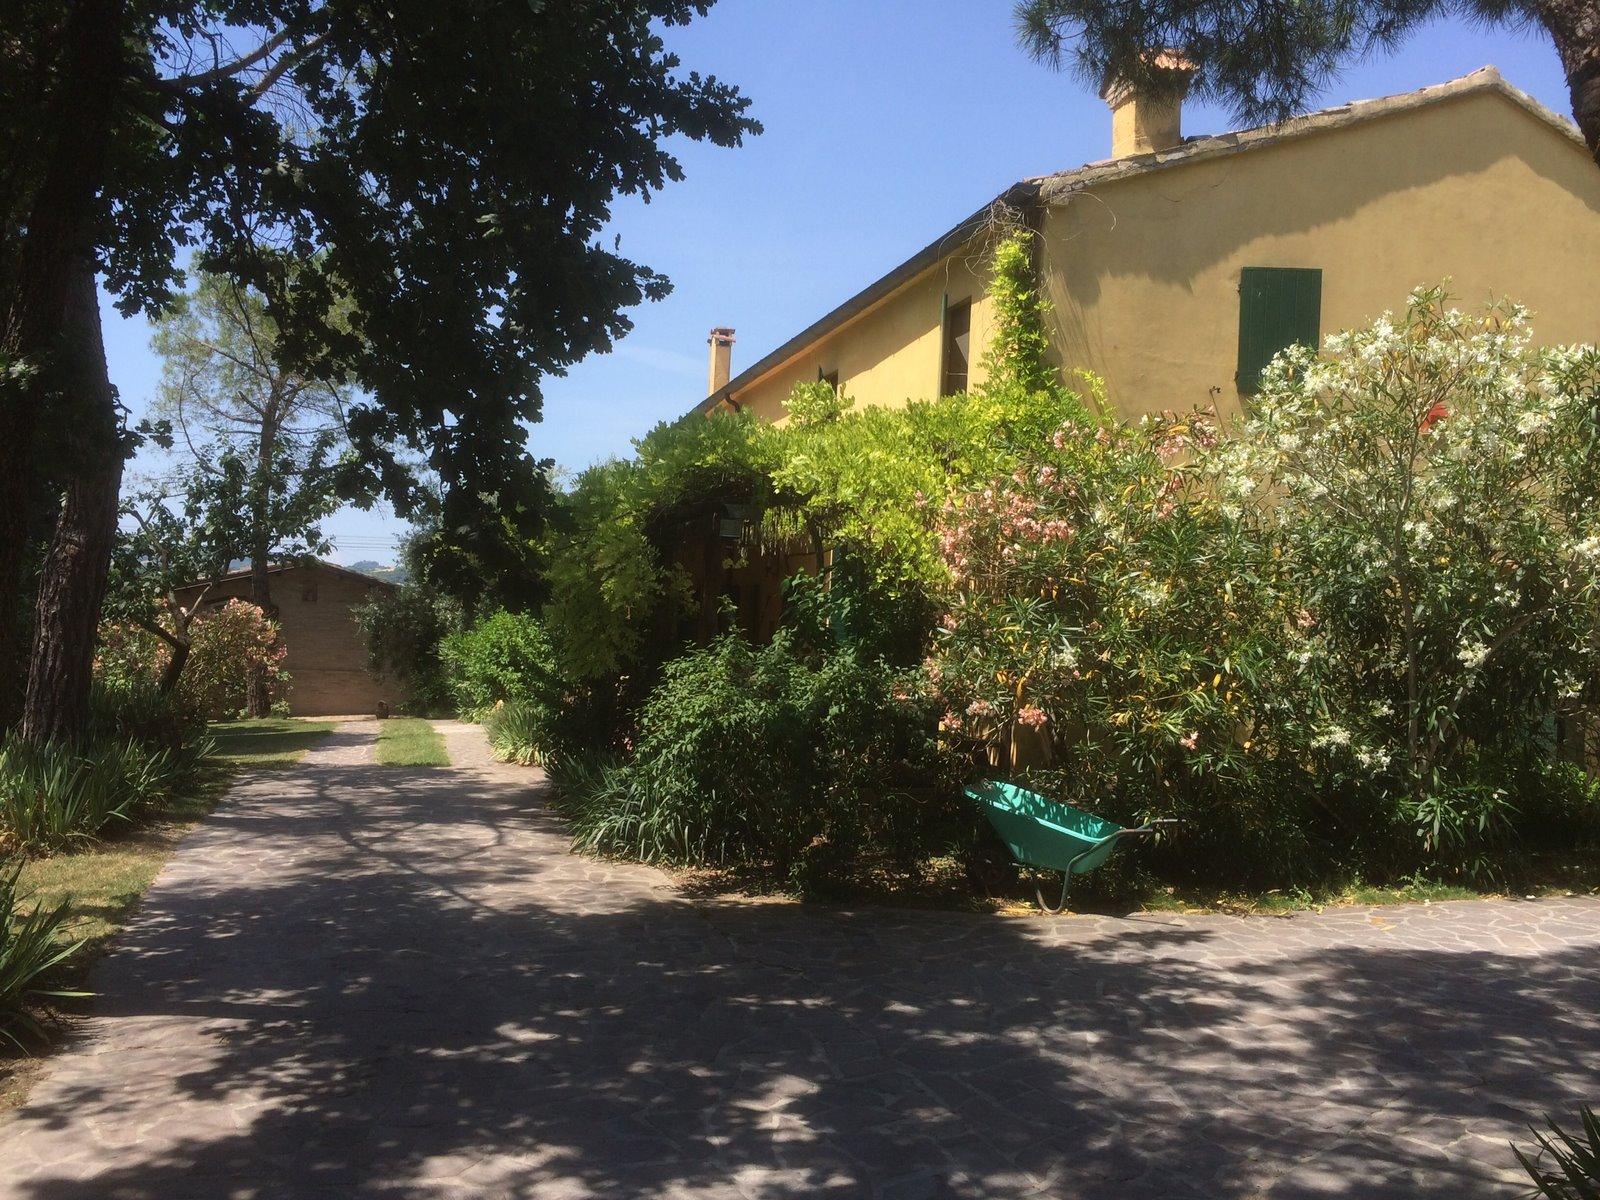 Ferienhaus Pescatore (870454), Fano (IT), Adriaküste (Marken), Marken, Italien, Bild 24